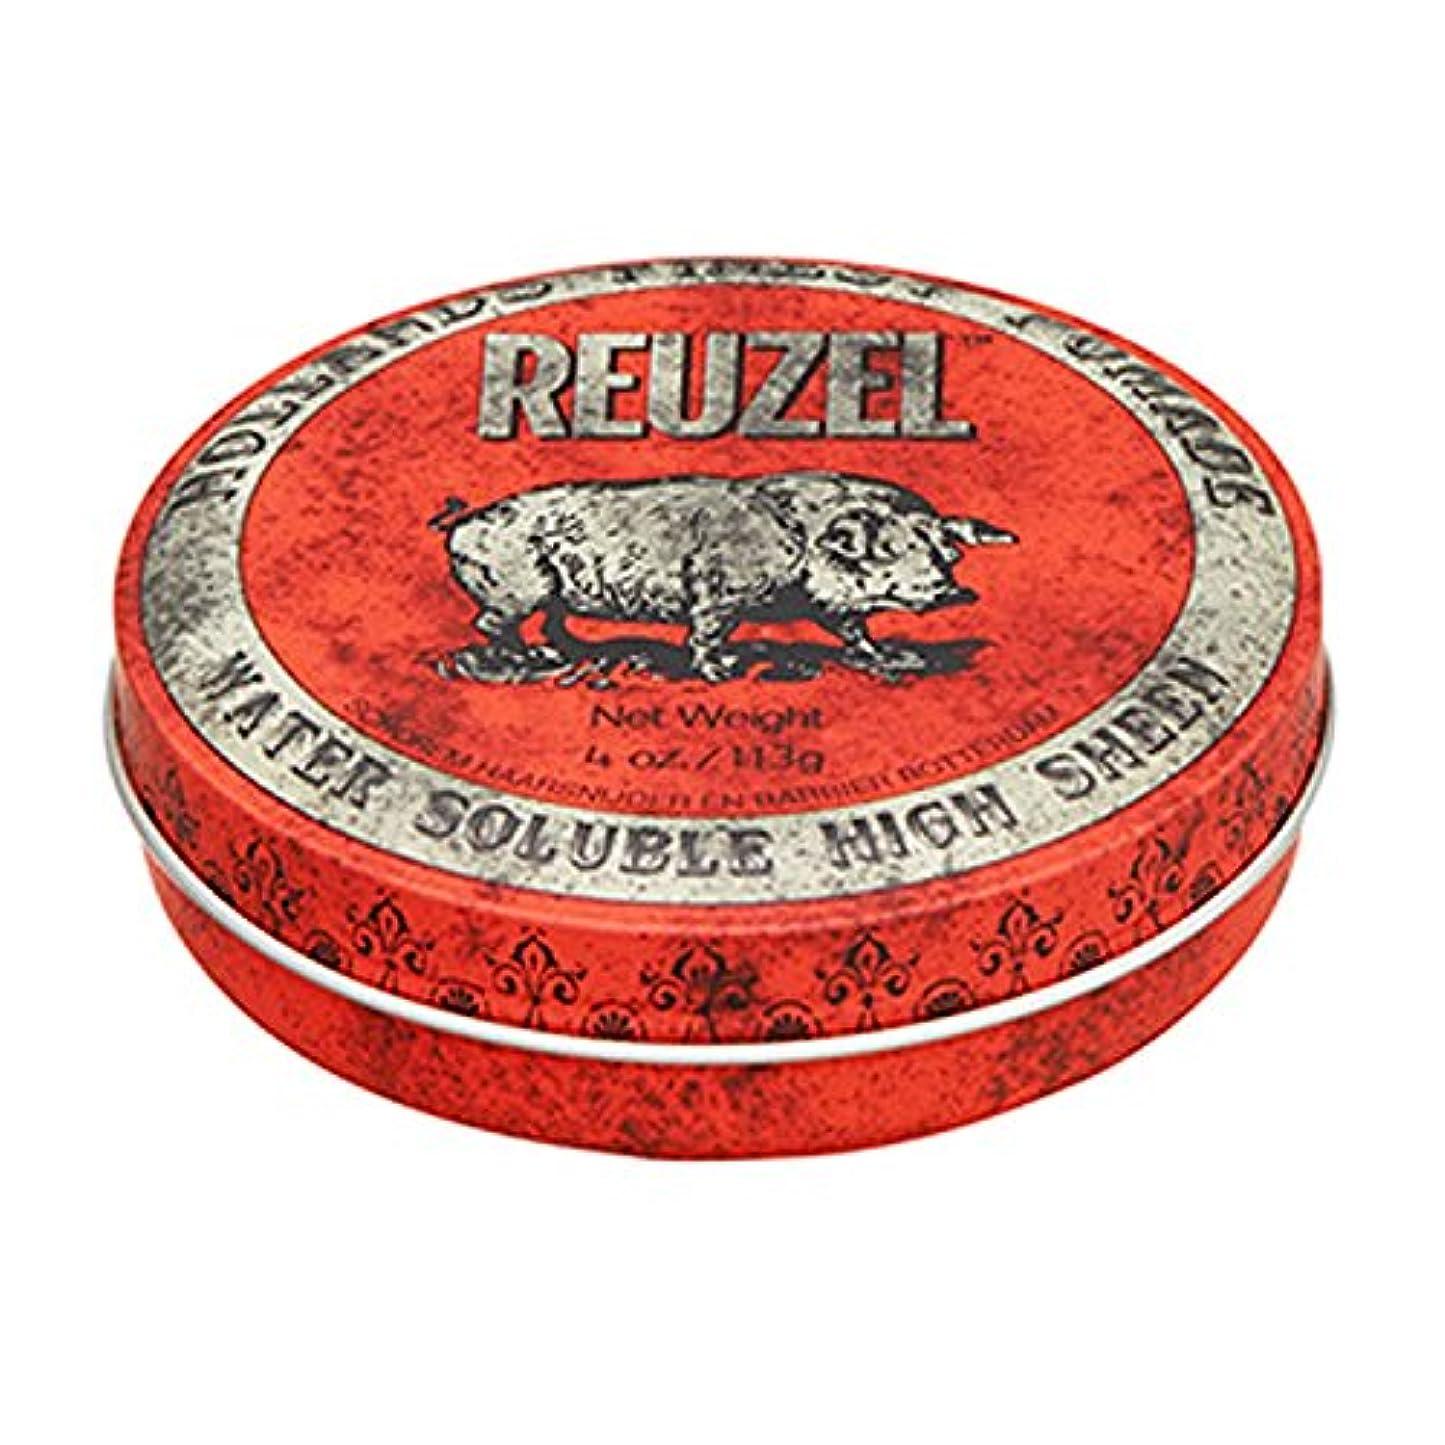 石膏インカ帝国全員ルーゾー REUZEL HIGH SHEEN ノーマルホールド レッド 113g